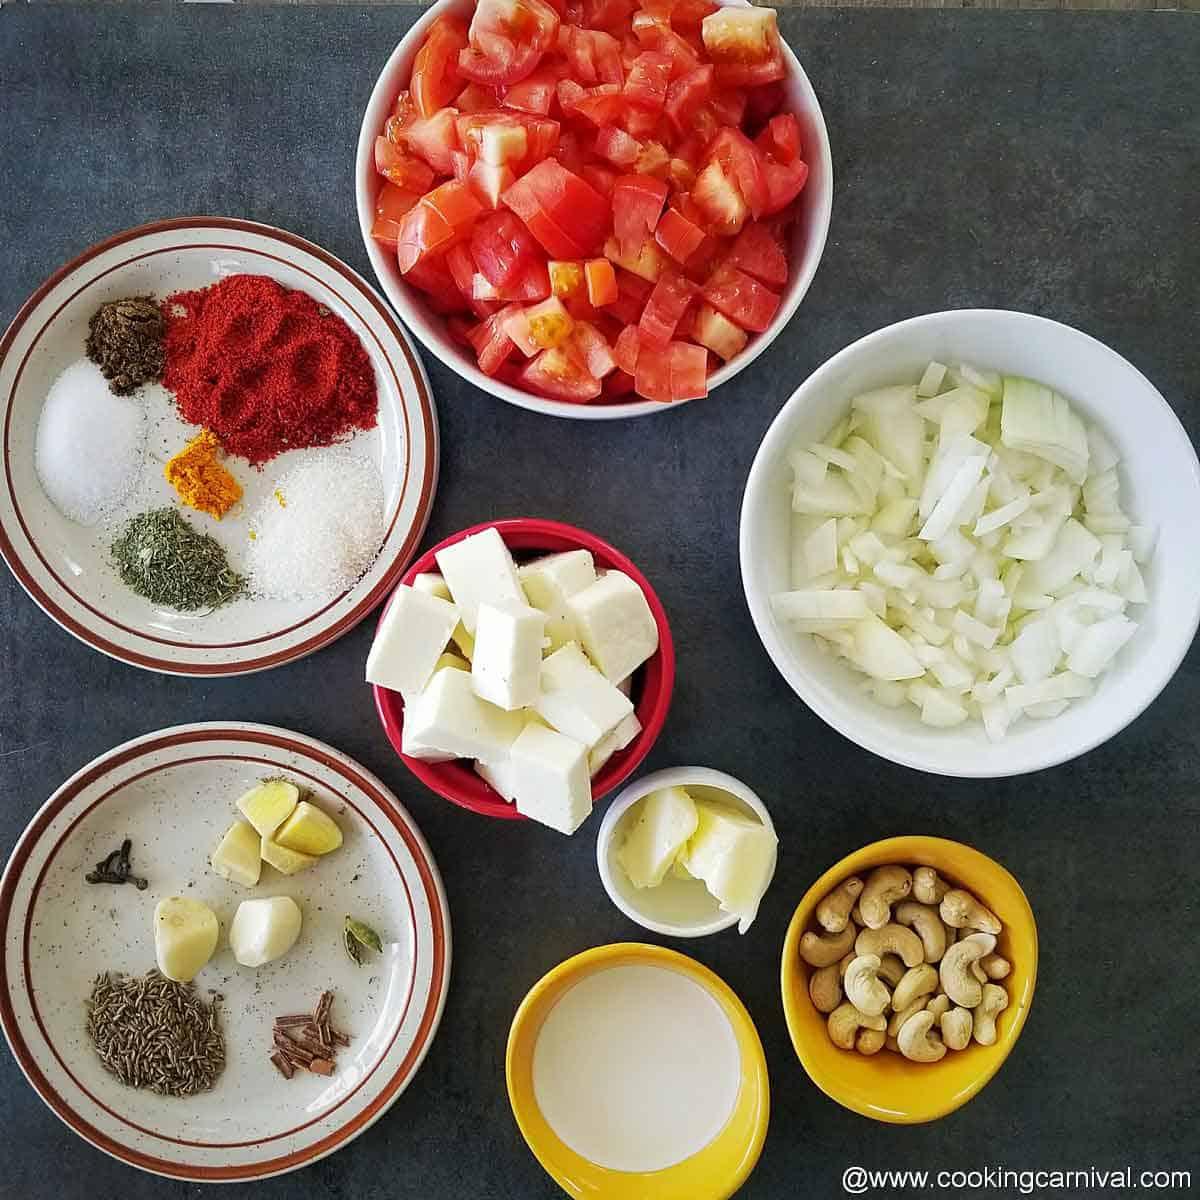 Pre-measured ingredients for paneer curry